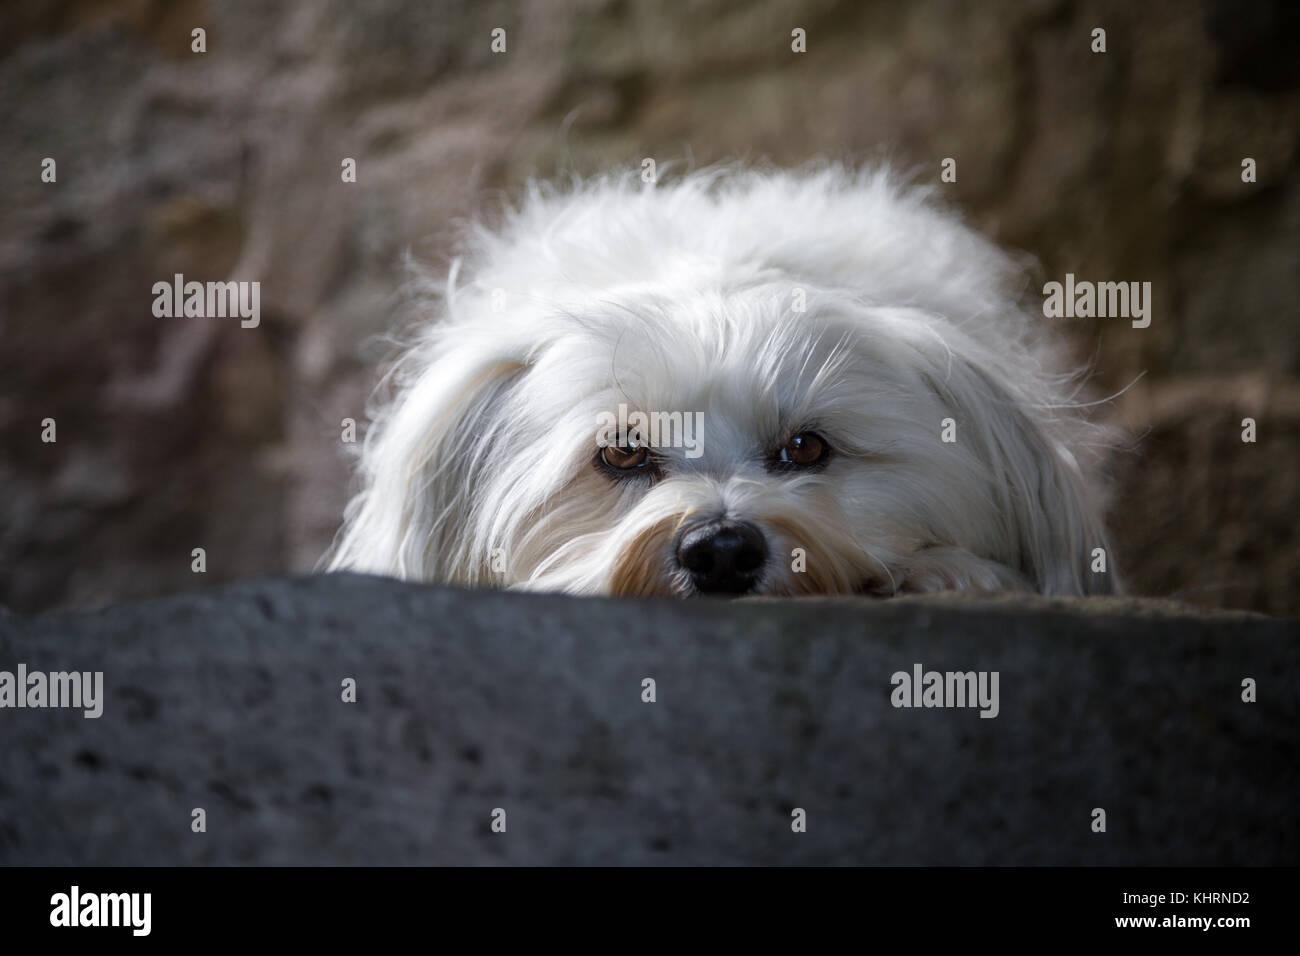 Ein kleiner weißer Hund Balatonfüred in einer steinstufe und blickt in die Kamera. Stockbild